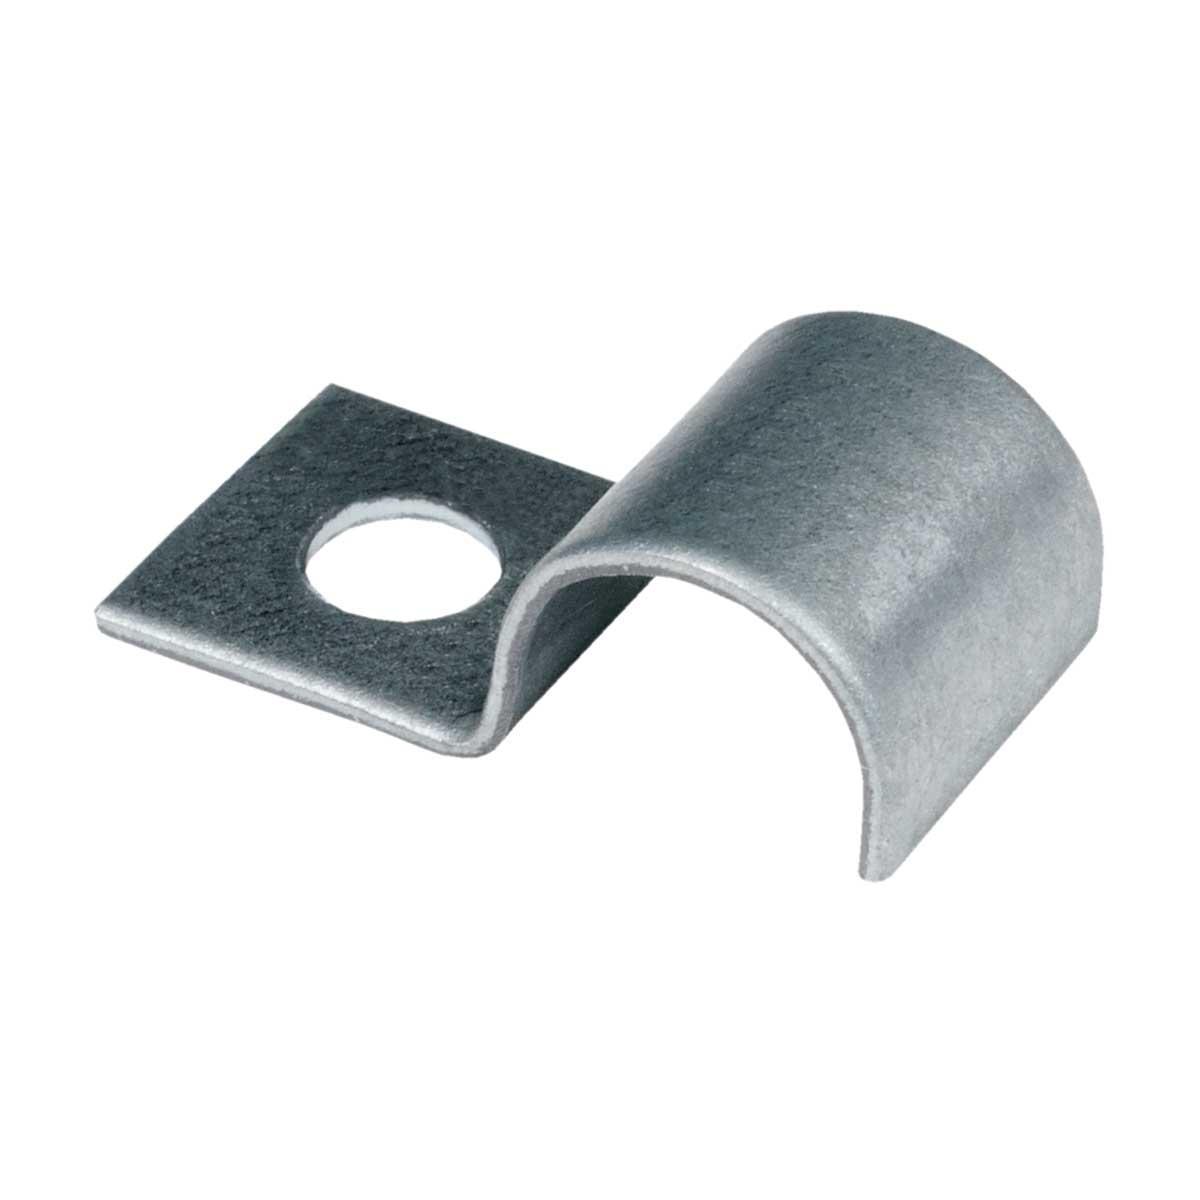 Хомут односторонній металевий для кабелю діаметром-6мм; Оцинковка Сендзимир